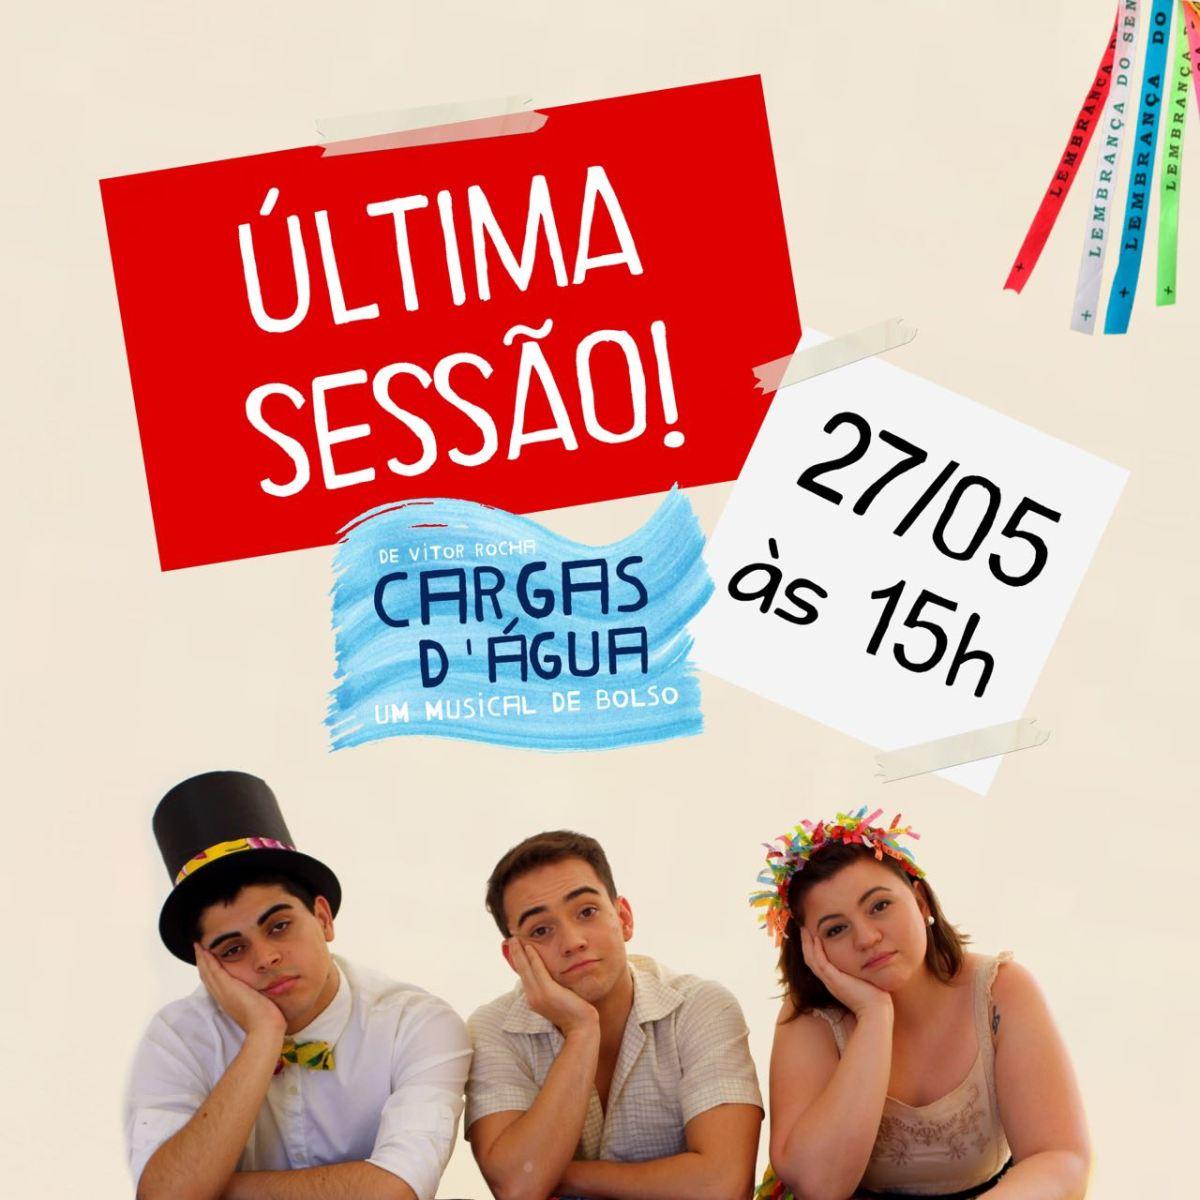 """BASTIDORES #20: Ana Paula Villar, André Torquato e Vitor Rocha em """"Cargas D'Água"""""""